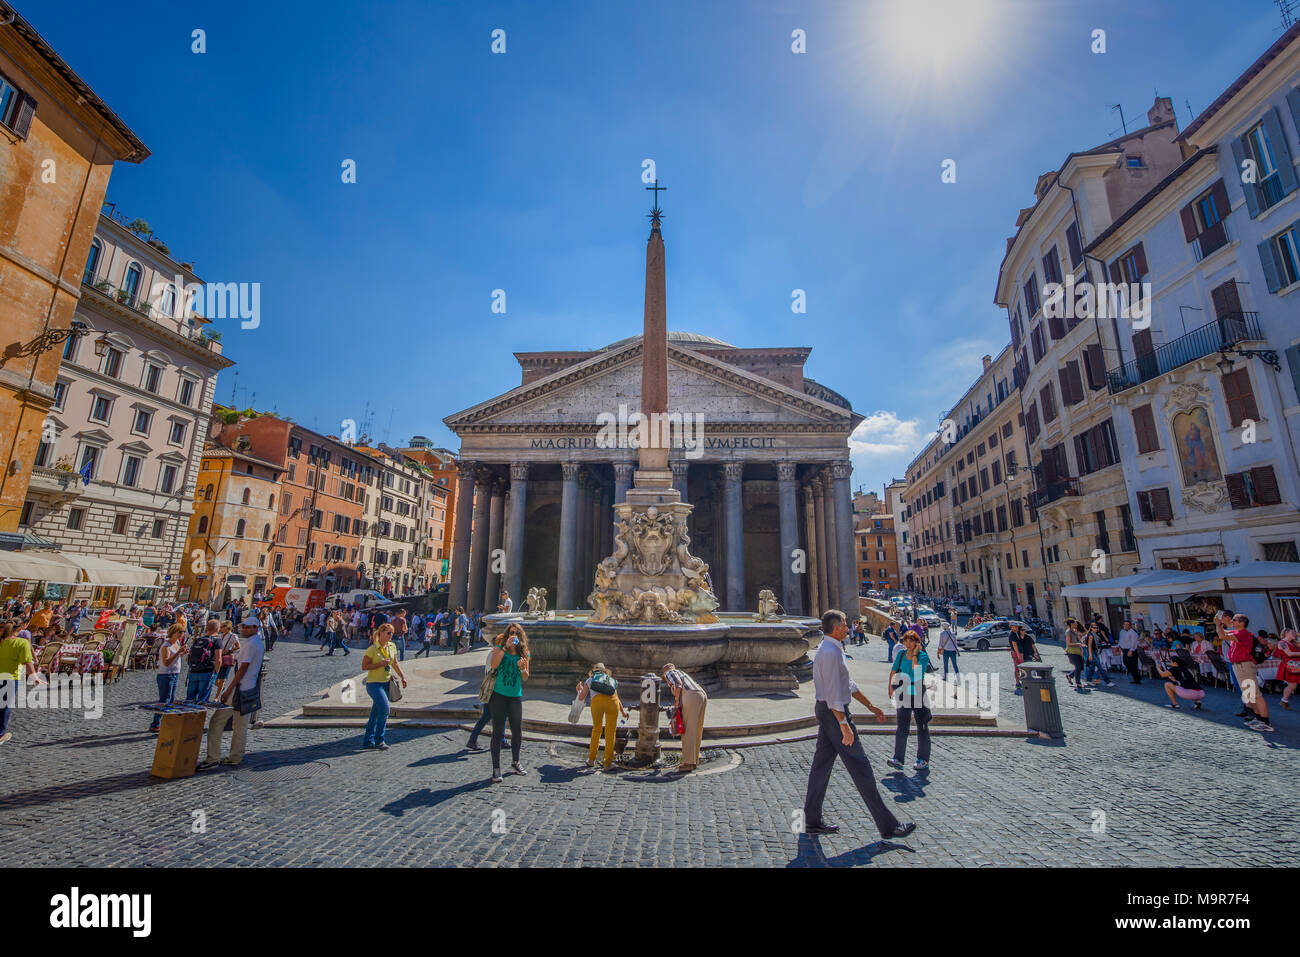 Europa, Italien, Rom, Pantheon, Piazza della Rotonda, Pantheon Stockbild